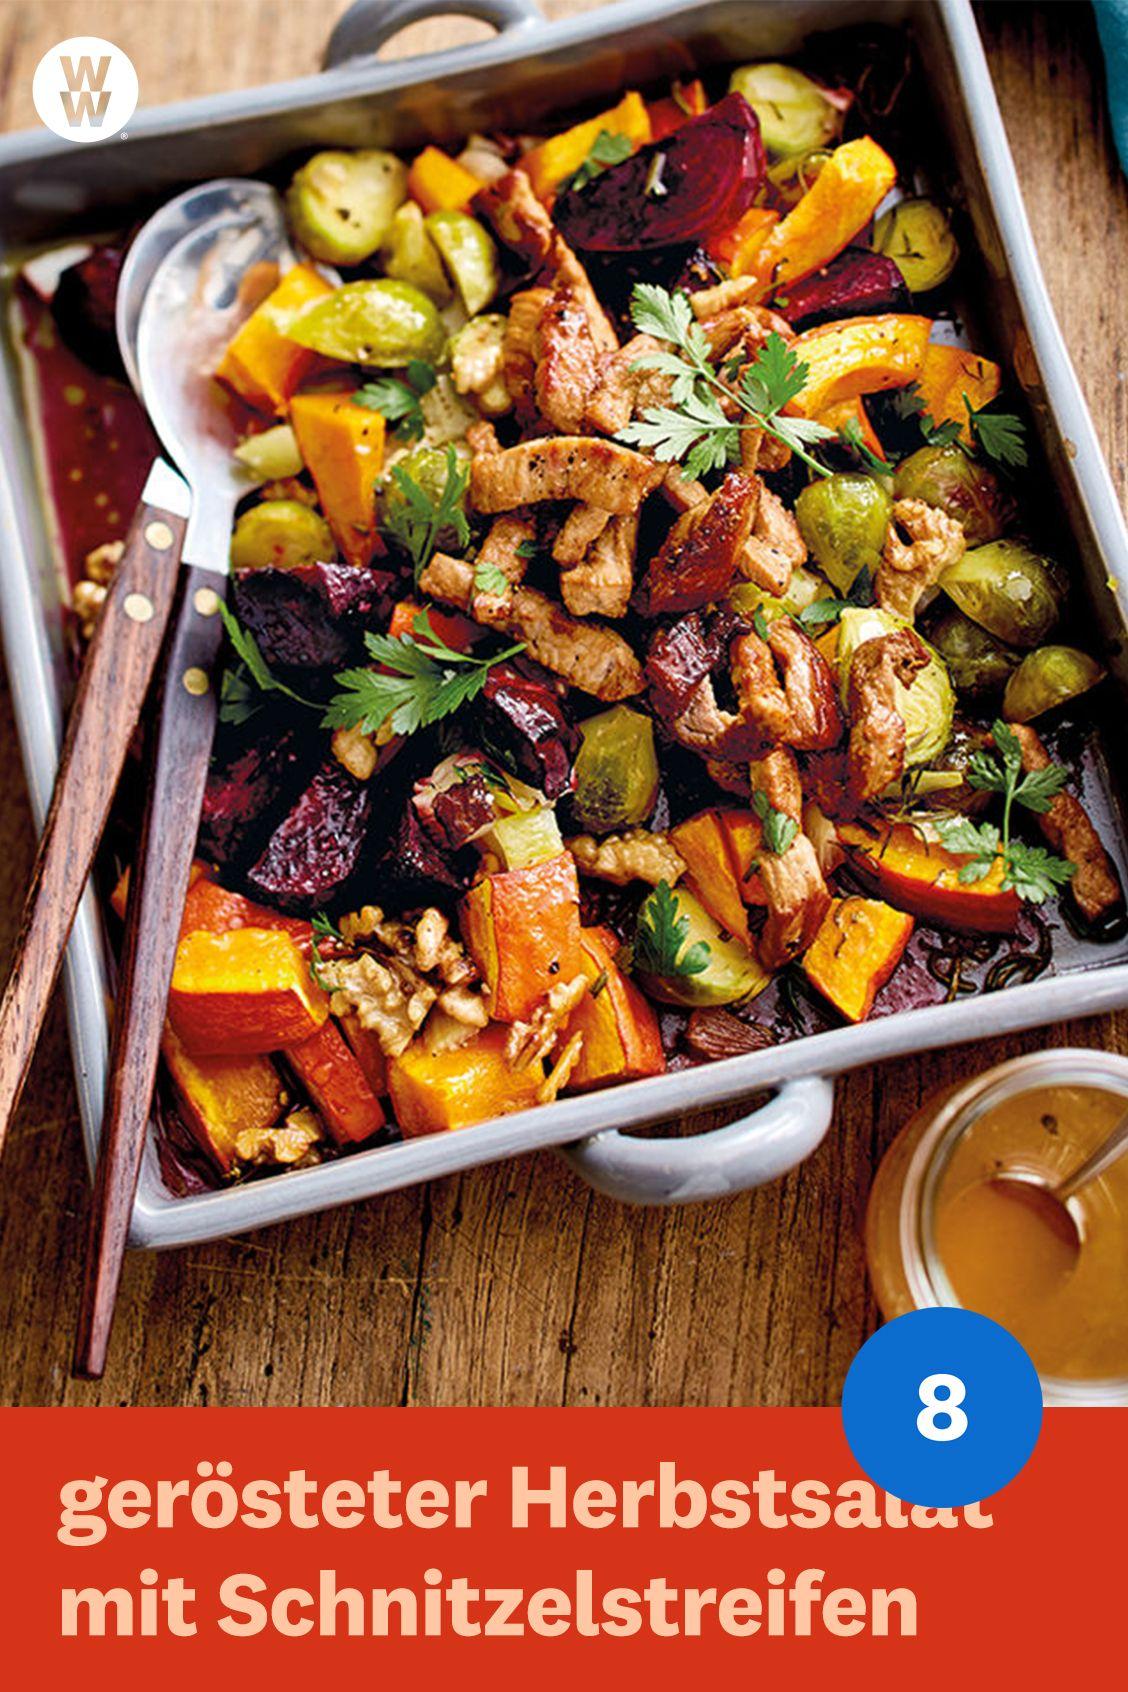 gerösteter Herbstsalat mit Schnitzelstreifen